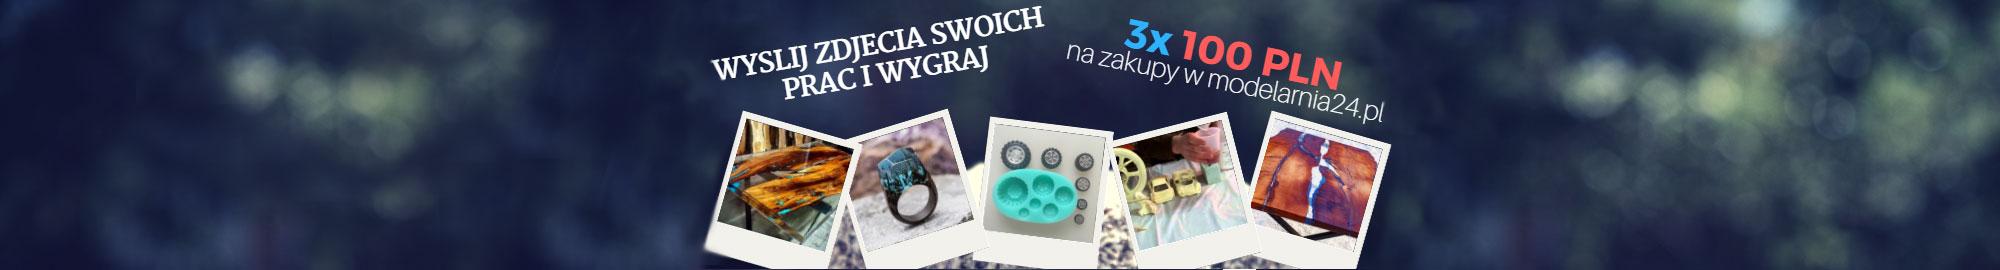 MODELARNIA24.pl